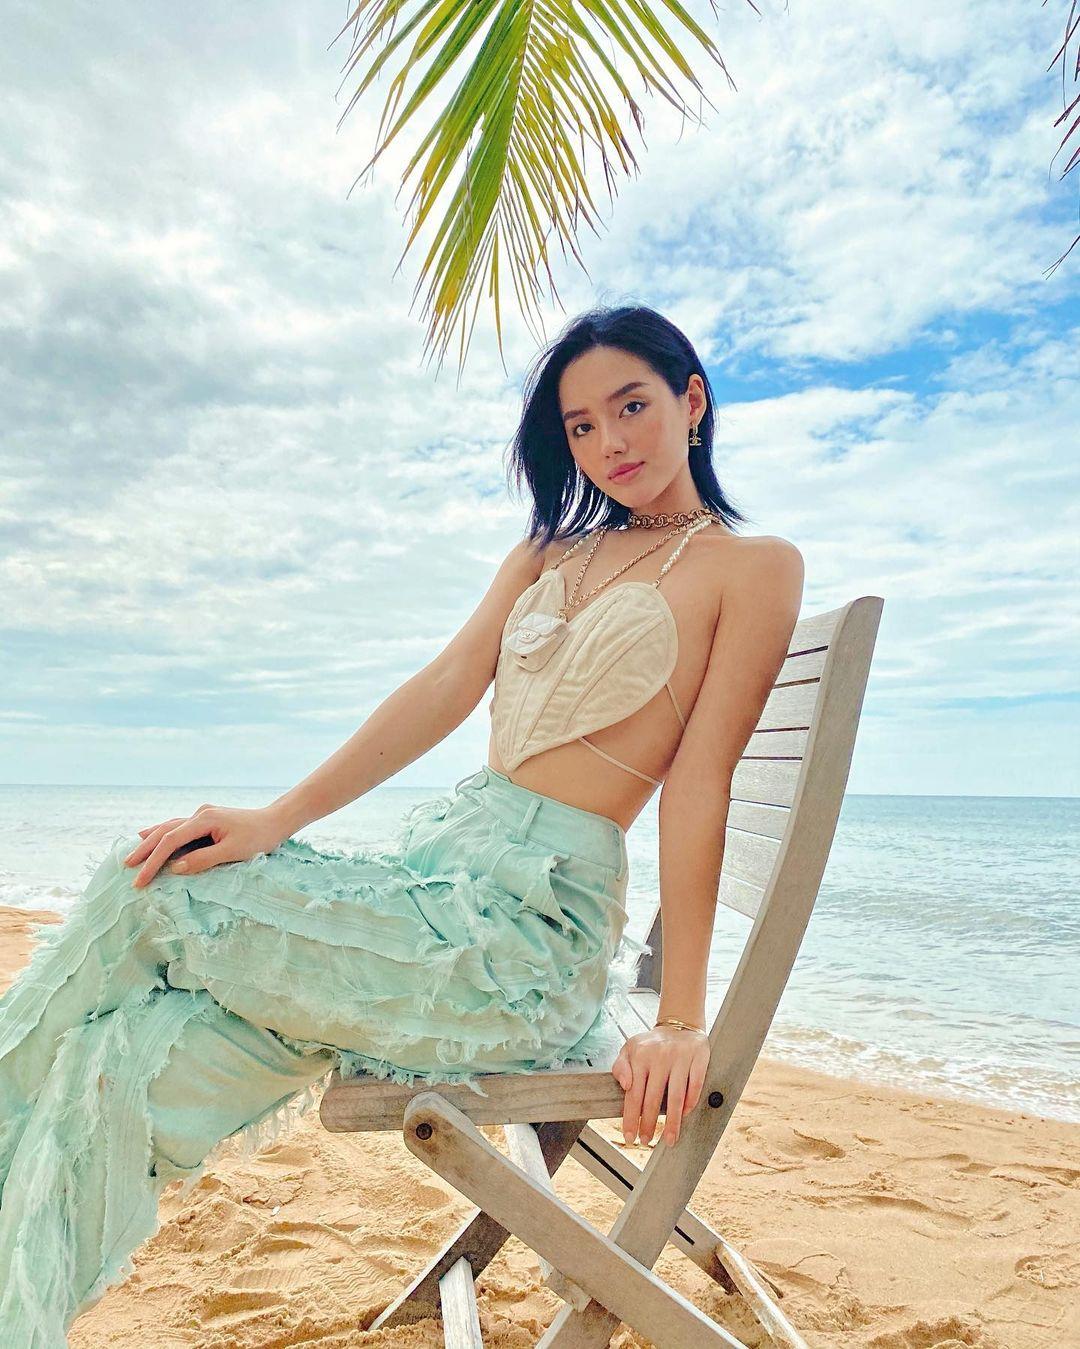 Nhờ khả năng mix đồ cùng thần thái đỉnh cao, Khánh Linh diện đồ Made in Vietnam mà chẳng khác gì hàng quốc tế. Trang phục của La Lune với chiếc áo hình trái tim chỉ đủ che vòng một giúp cô nàng nổi bần bật trên bãi biển.